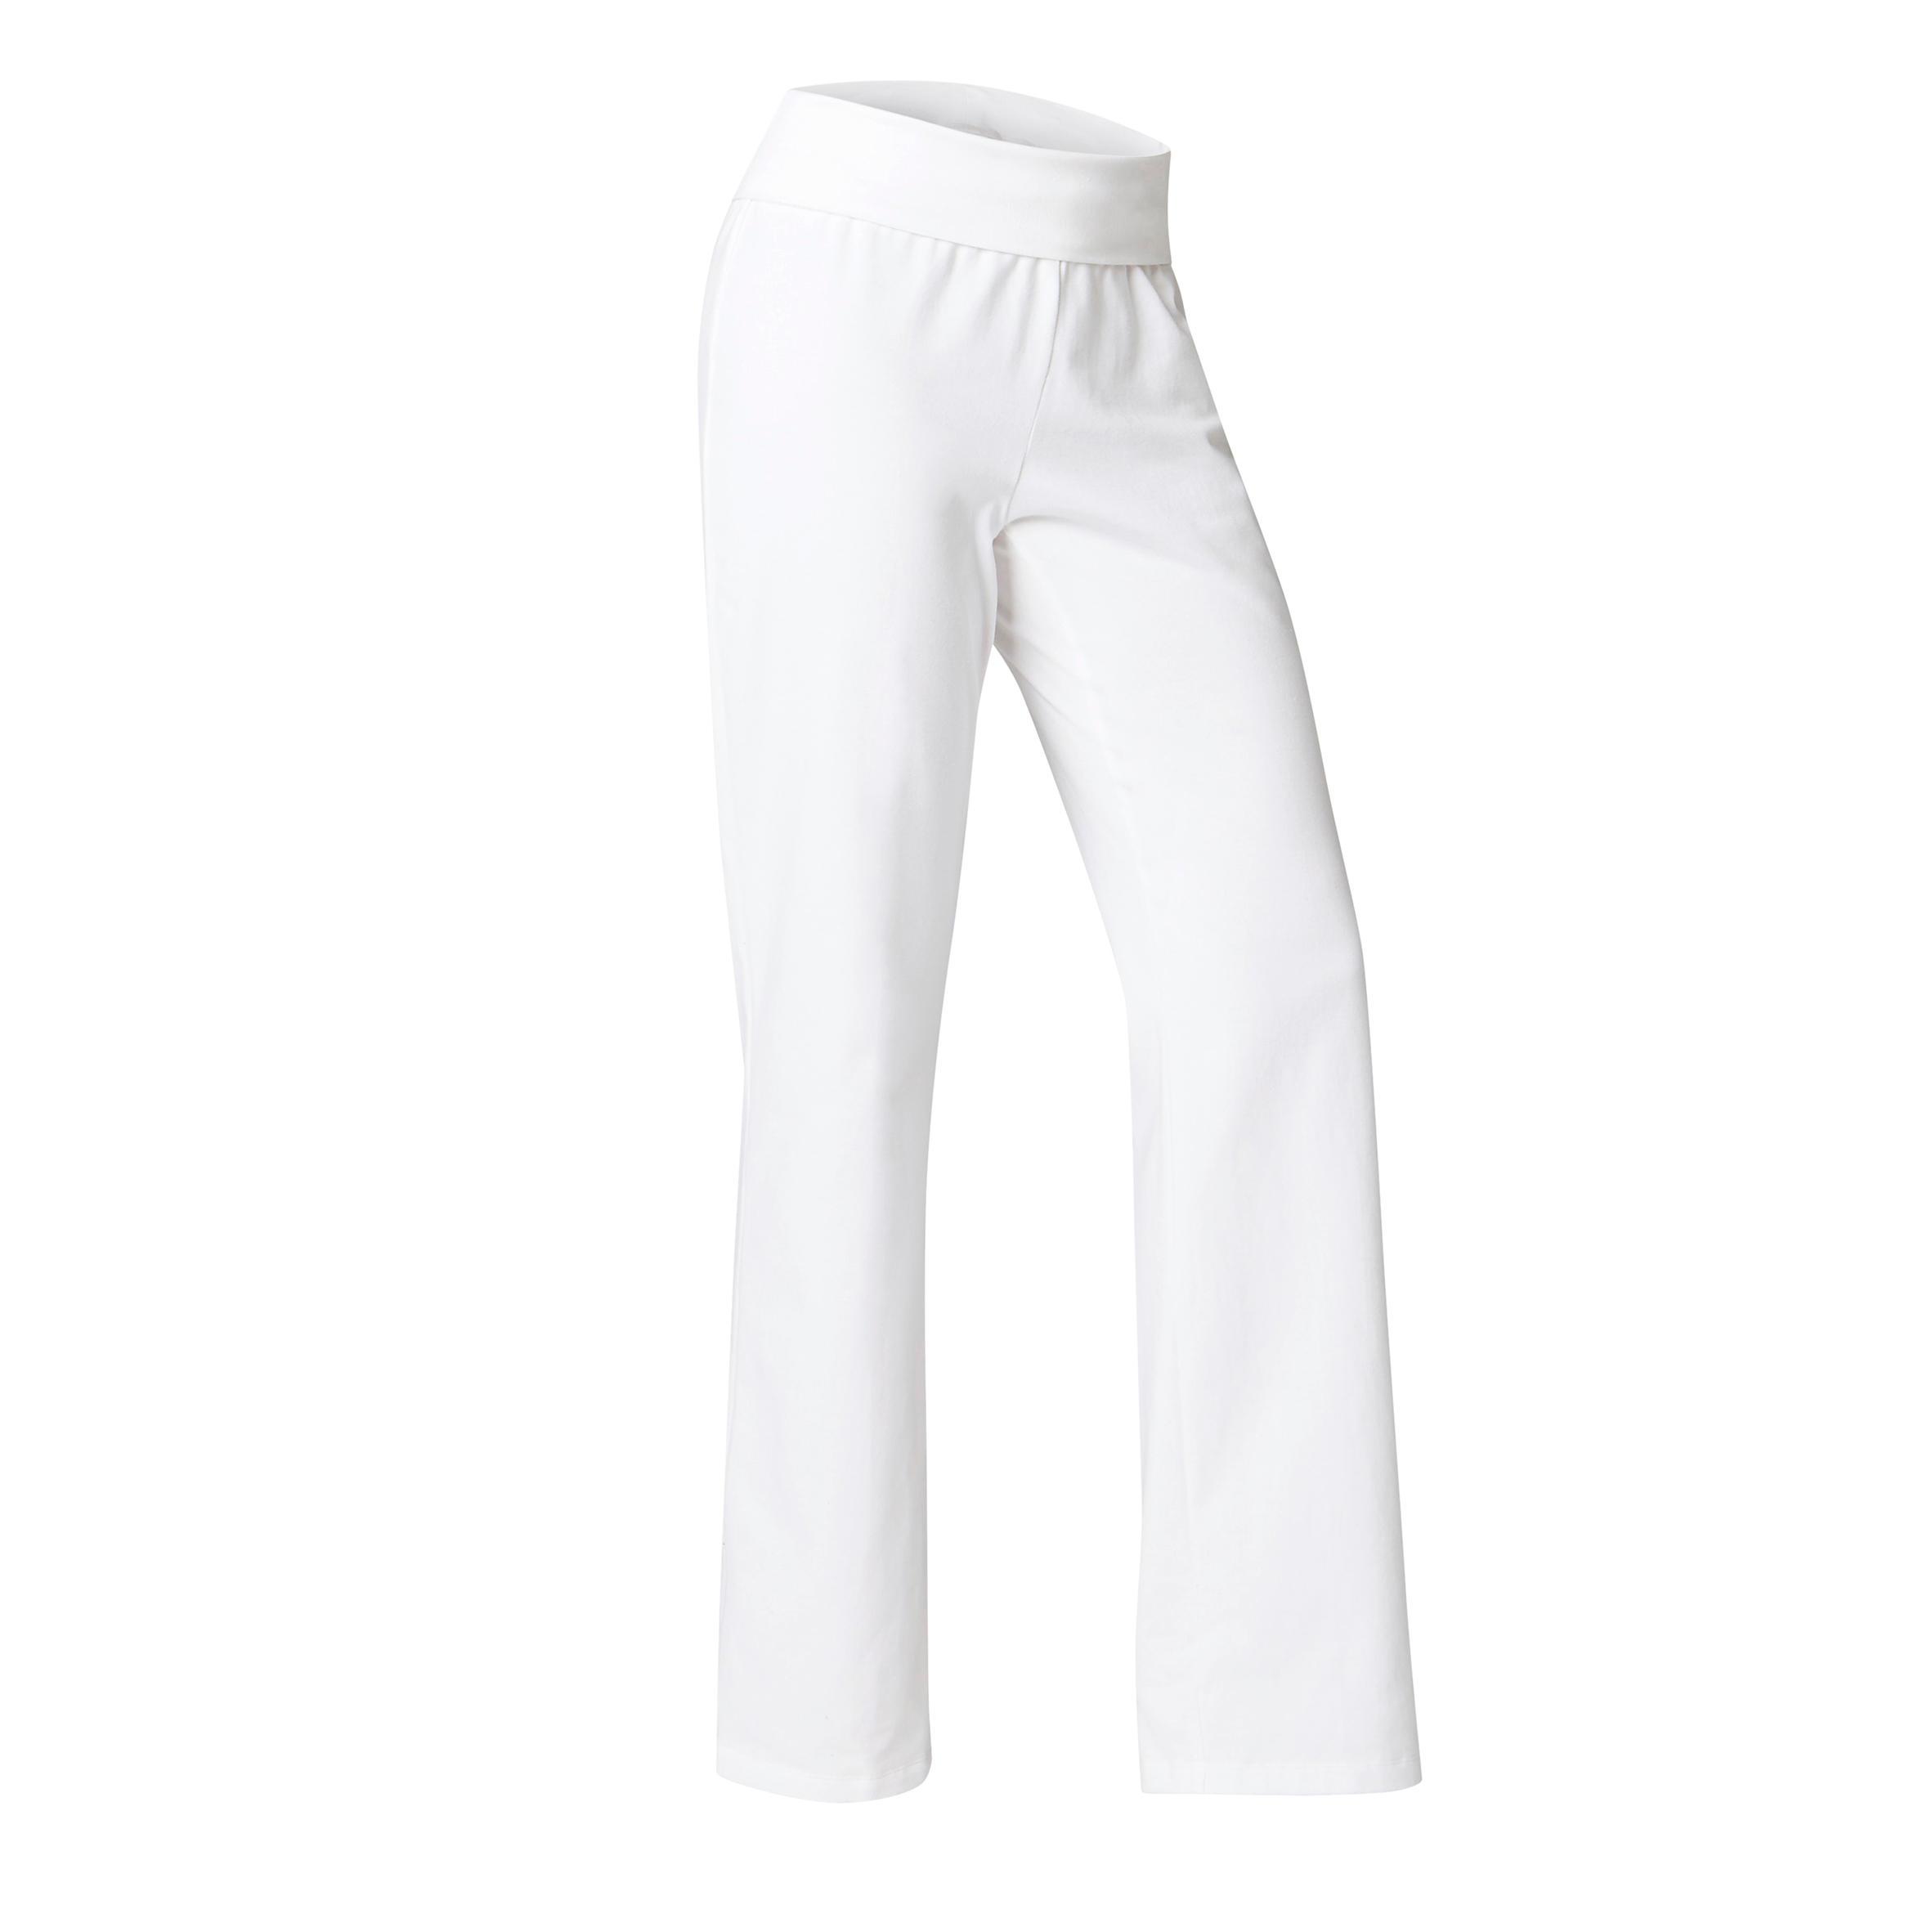 Yogahose sanftes Yoga aus Baumwolle aus biologischem Anbau Damen weiß | Sportbekleidung > Sporthosen > Yogahosen | Weiß | Baumwolle | Domyos